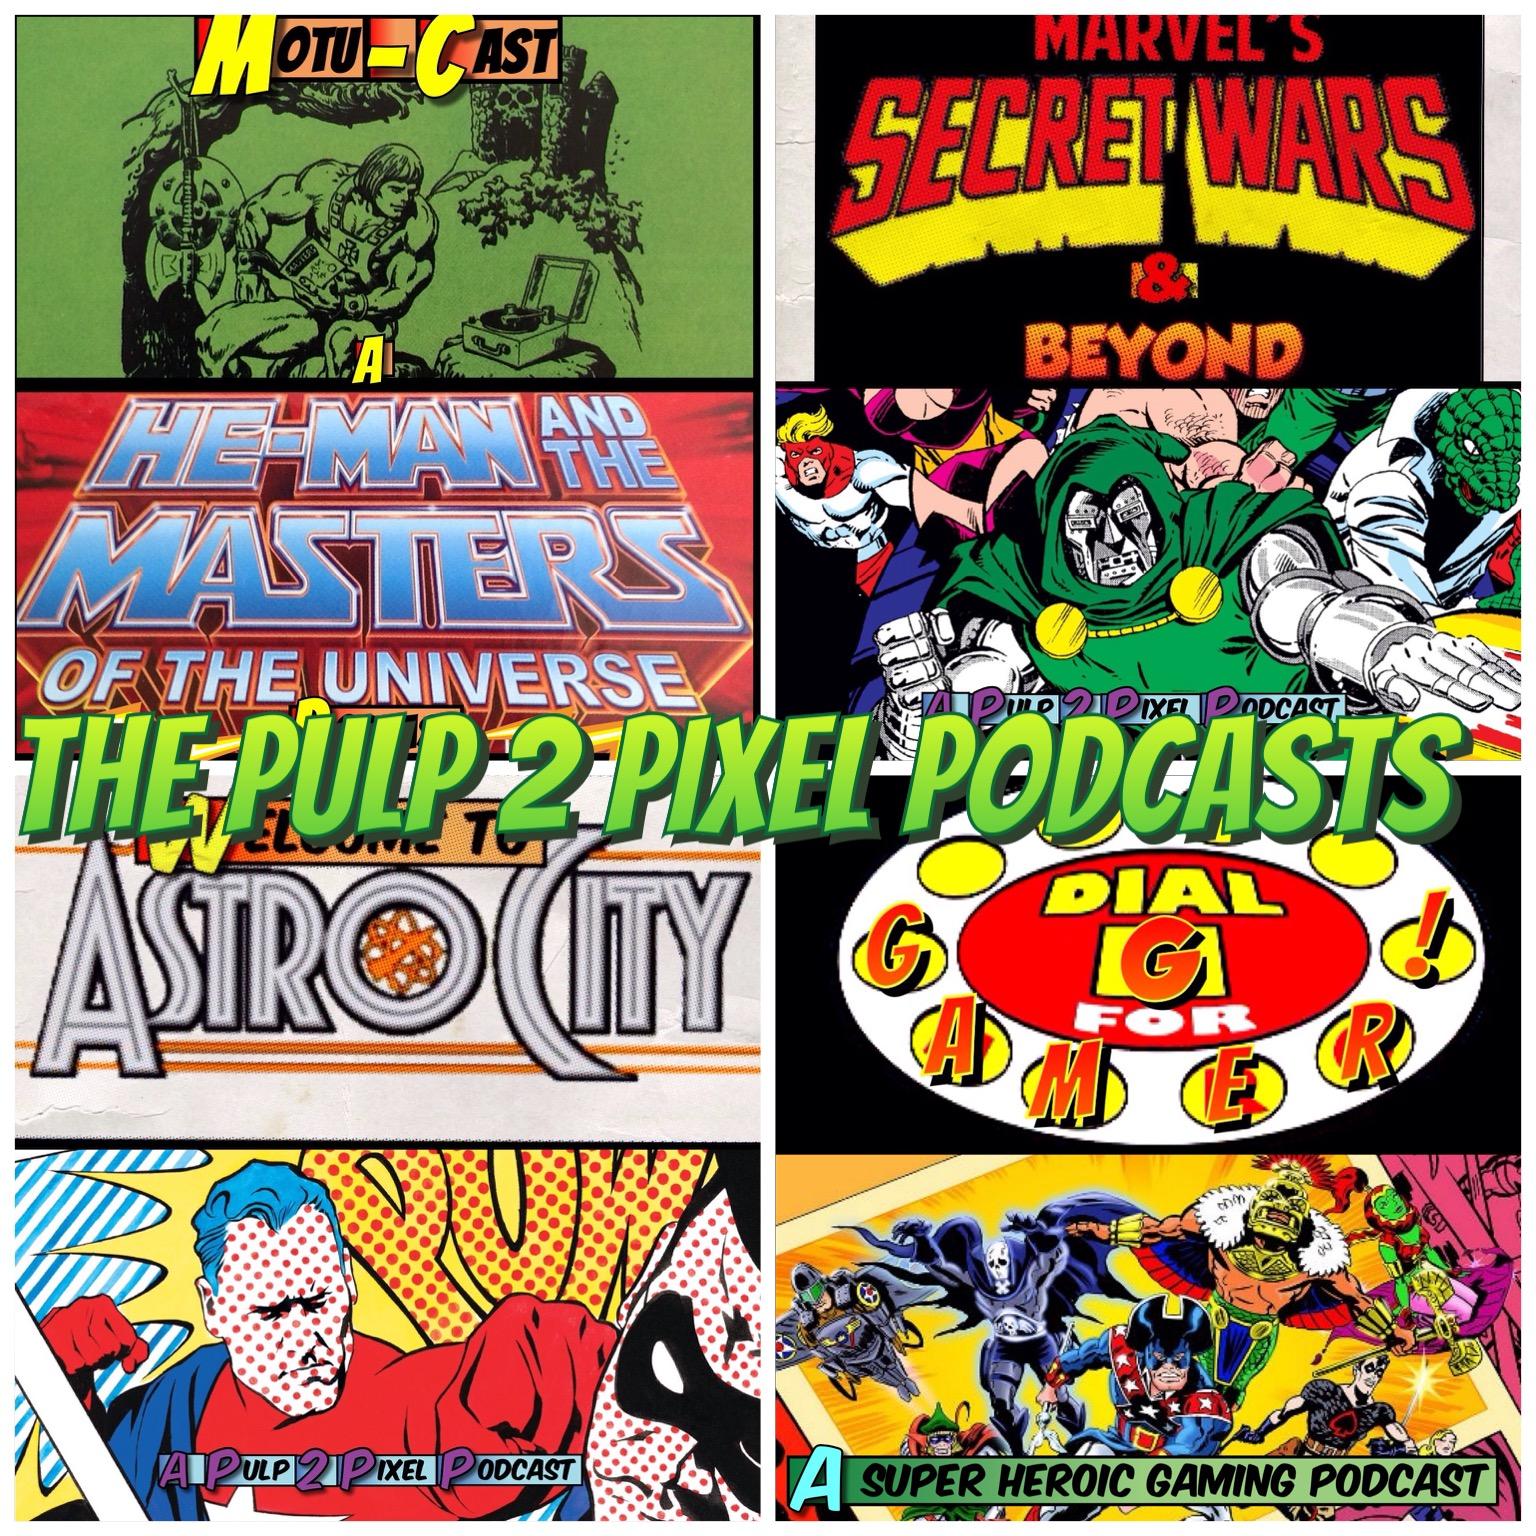 Pulp 2 Pixel Podcasts